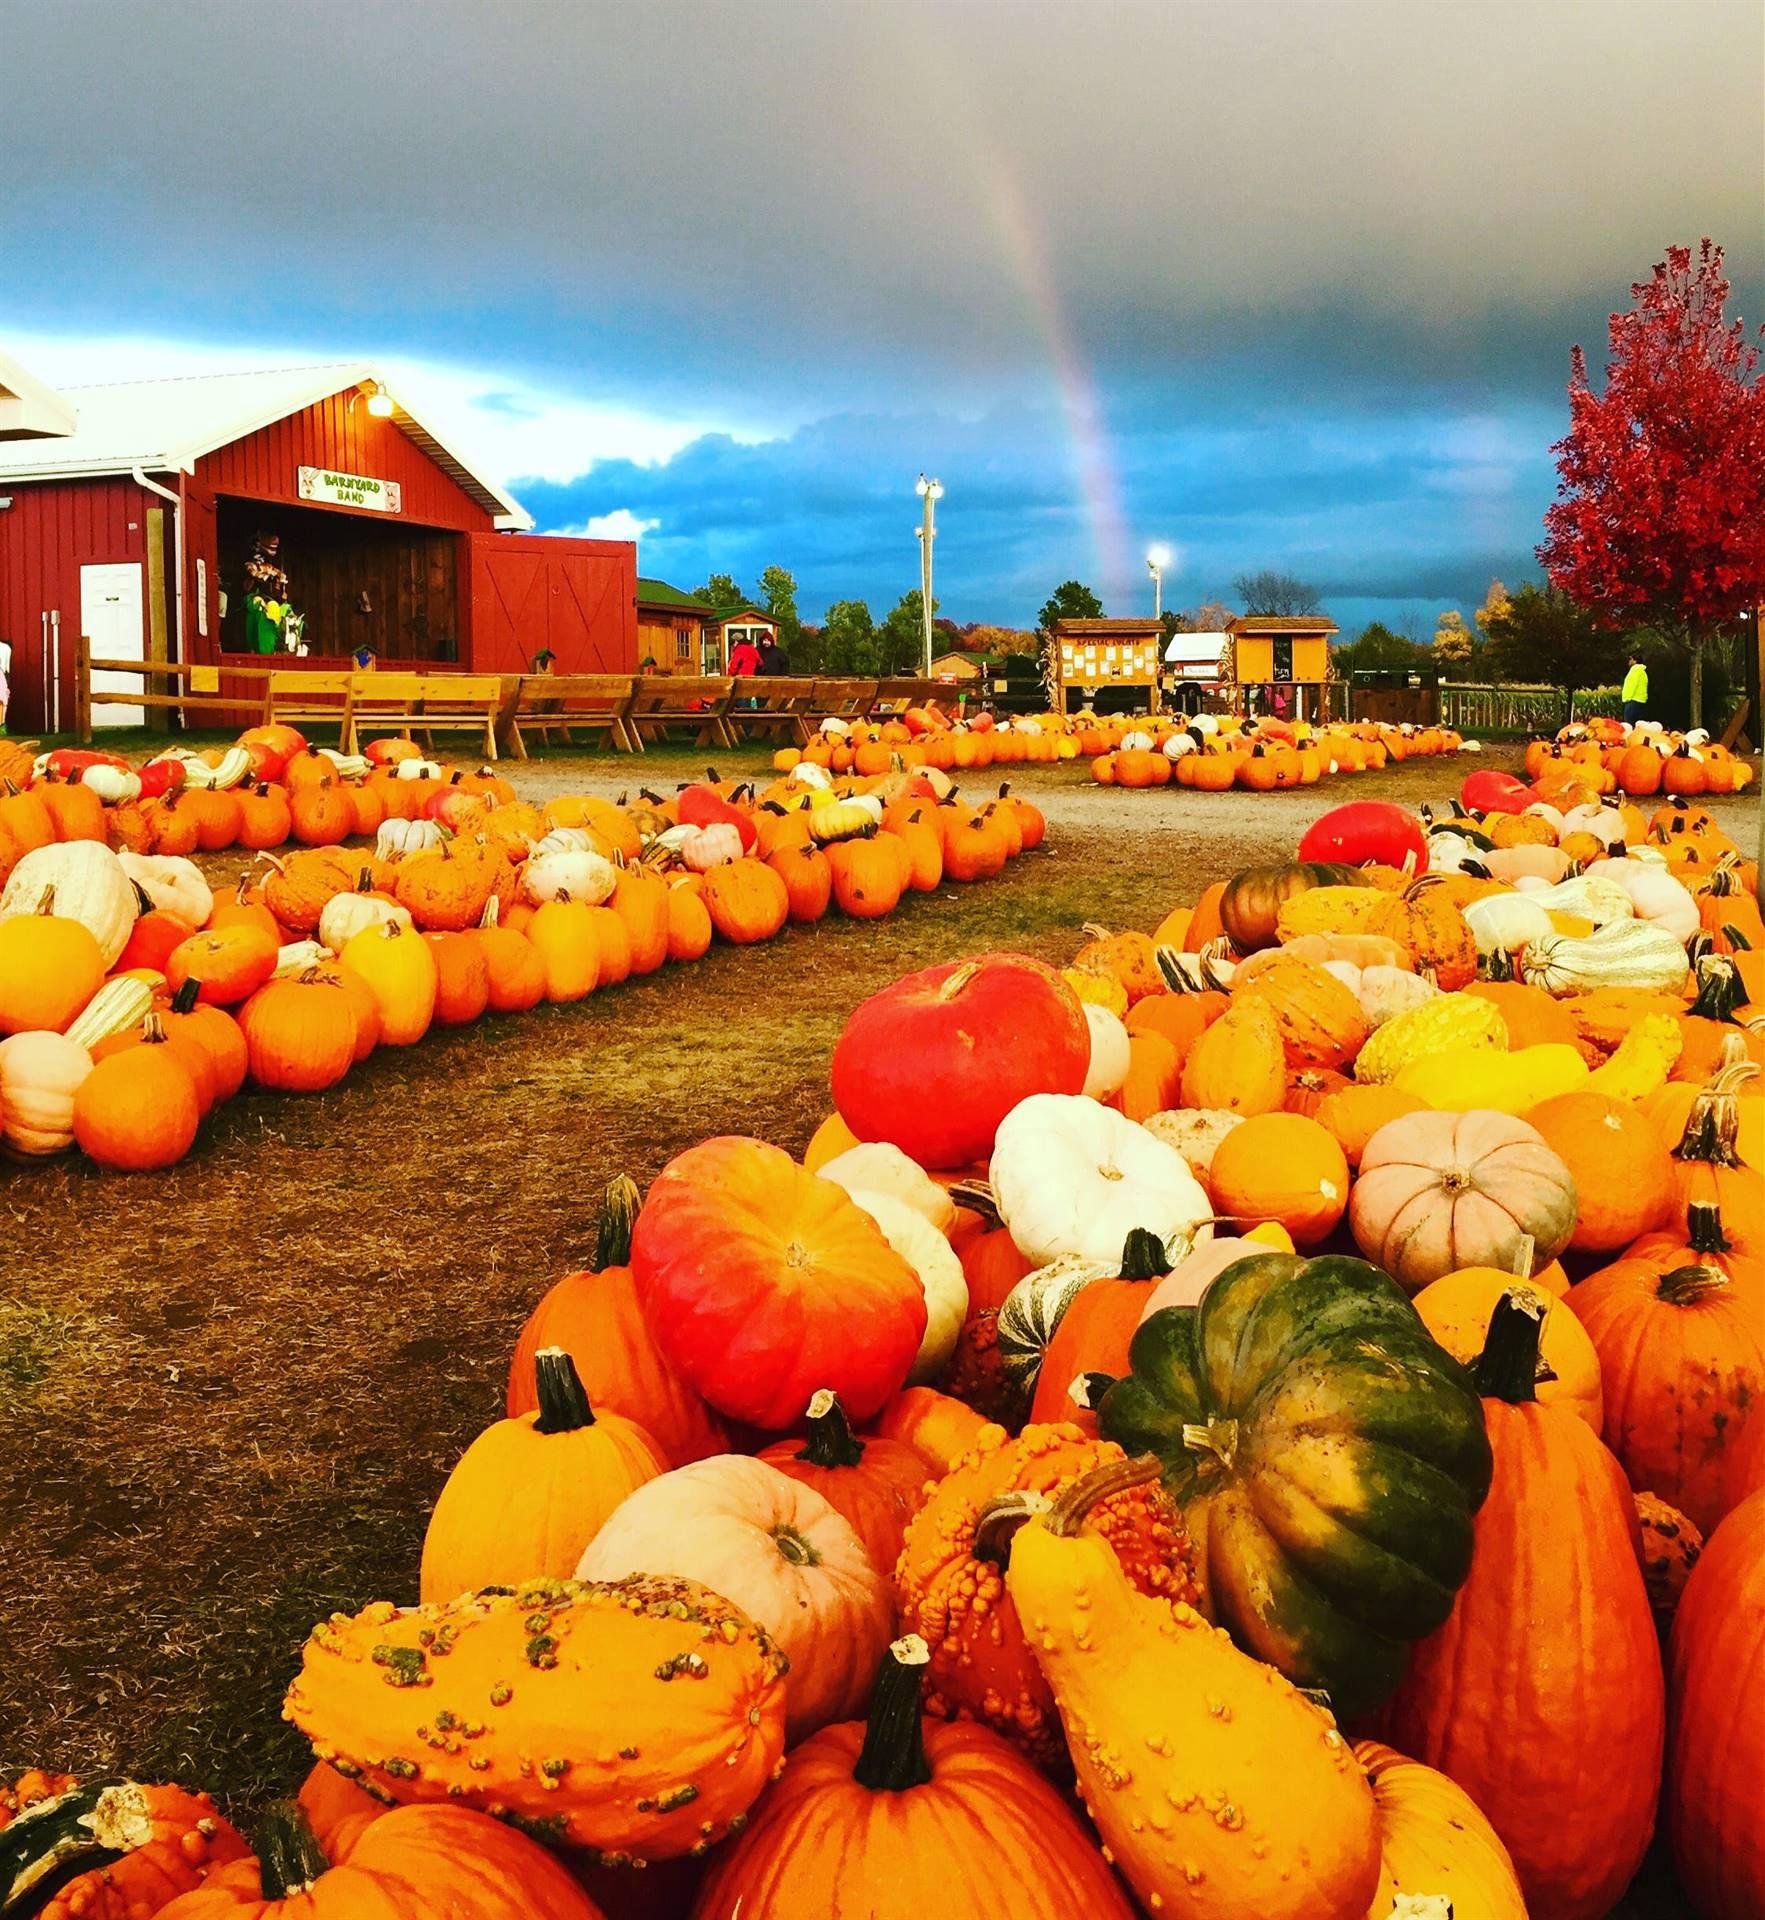 Pumpkins at Roba Farms